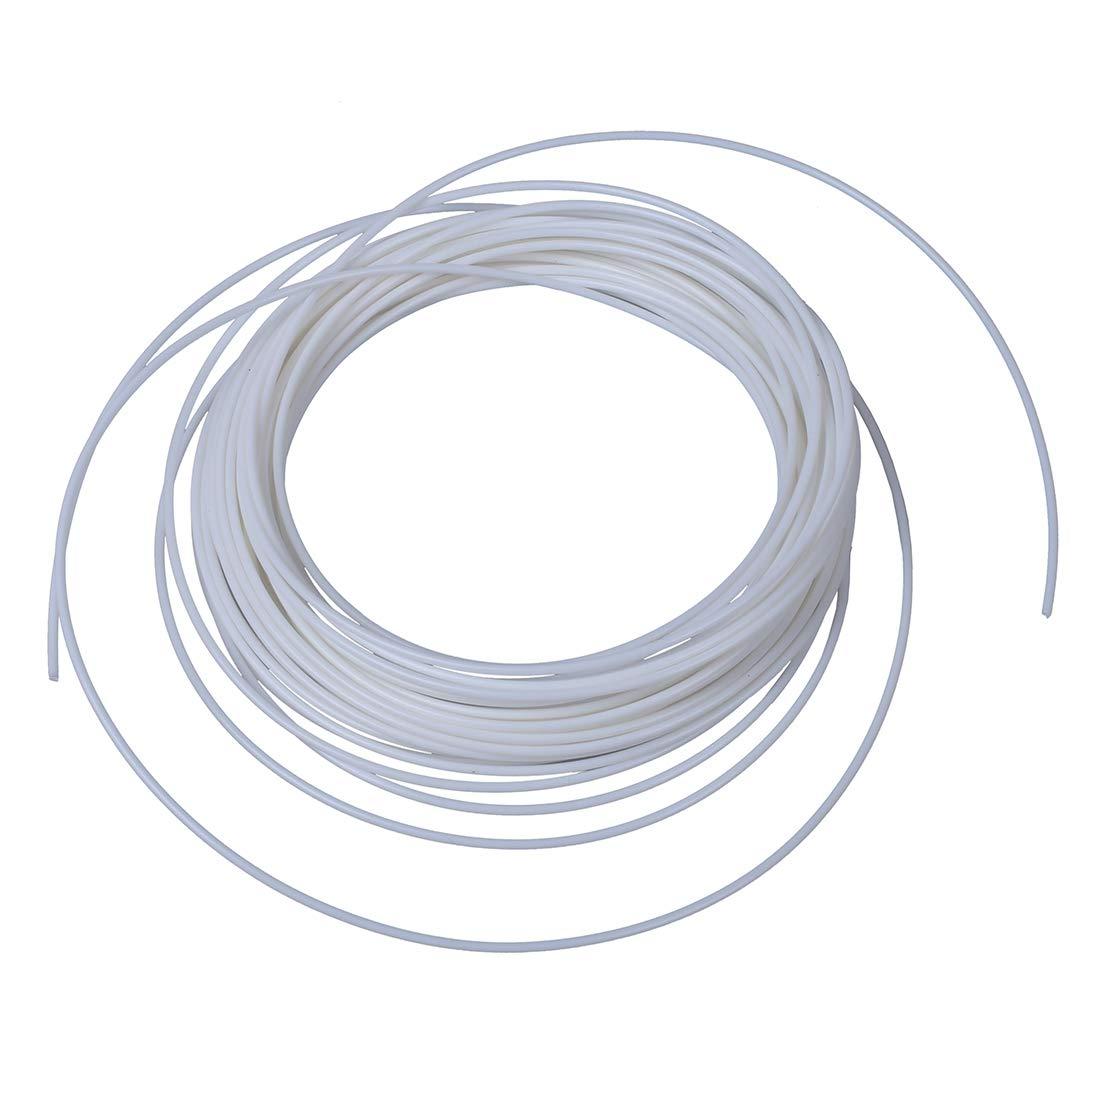 TOOGOO 1.75mm Filamento De Pluma De Impresora ABS Modelado ...